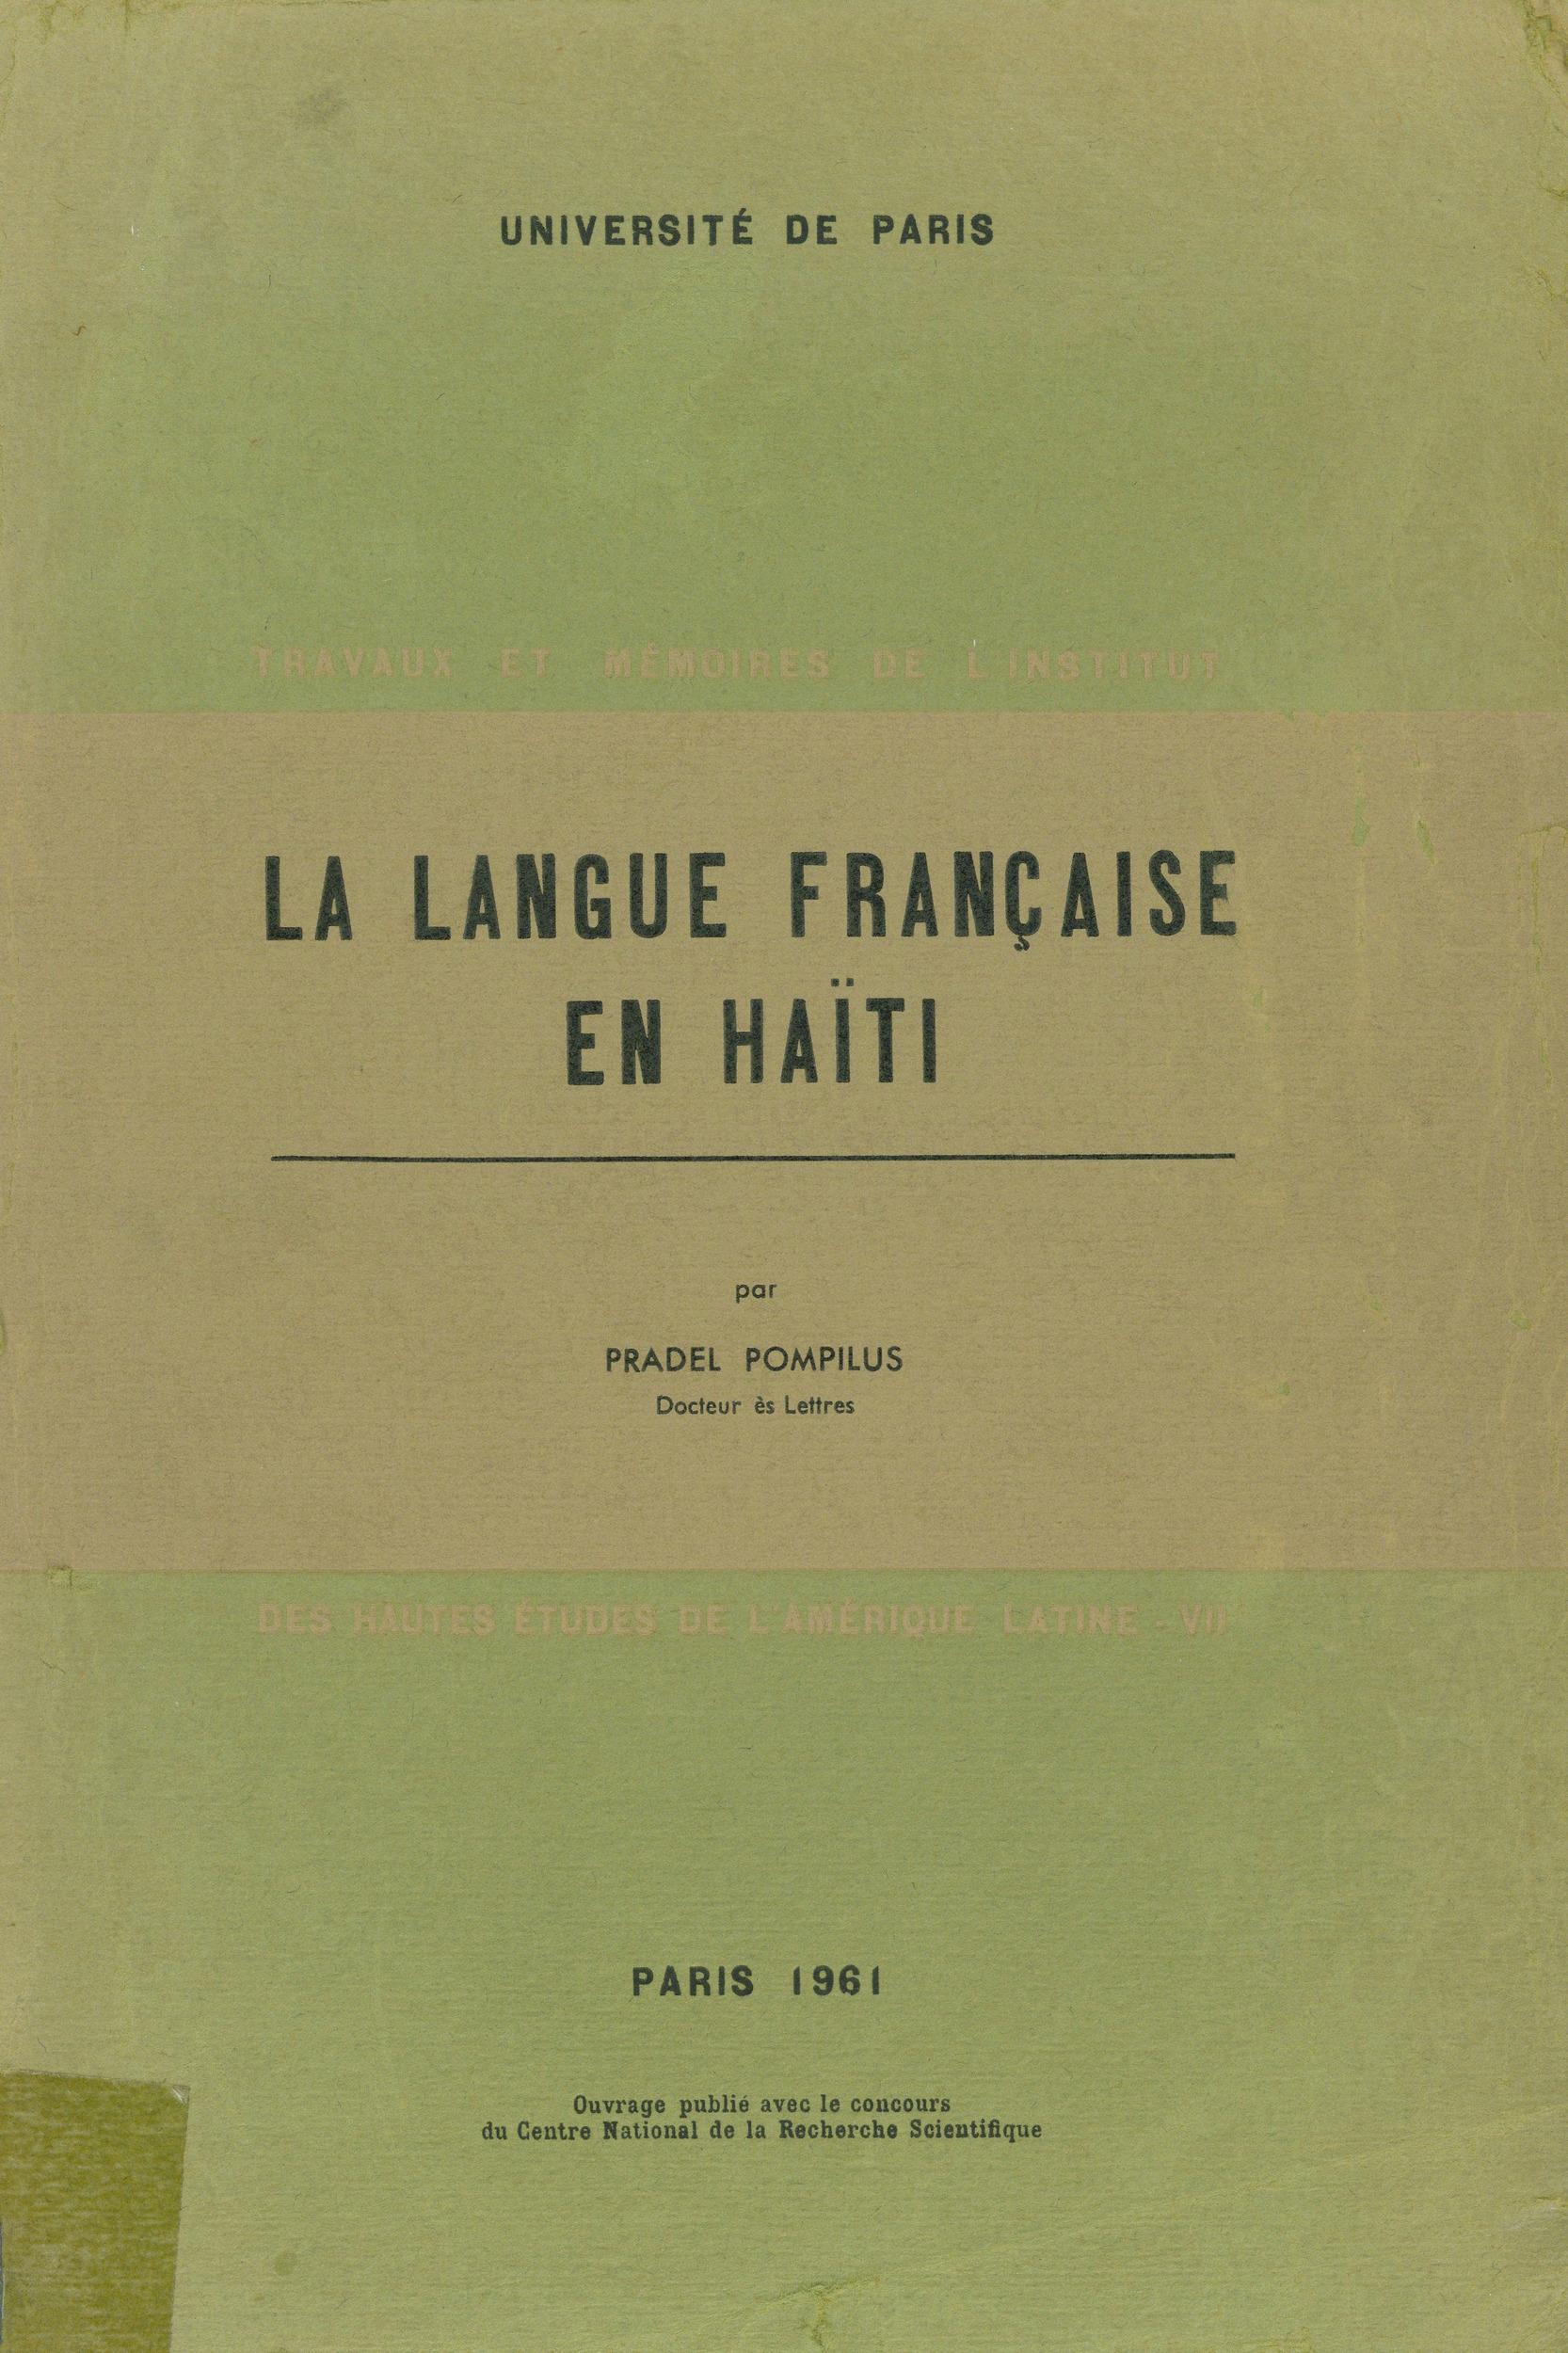 La langue française en Haïti